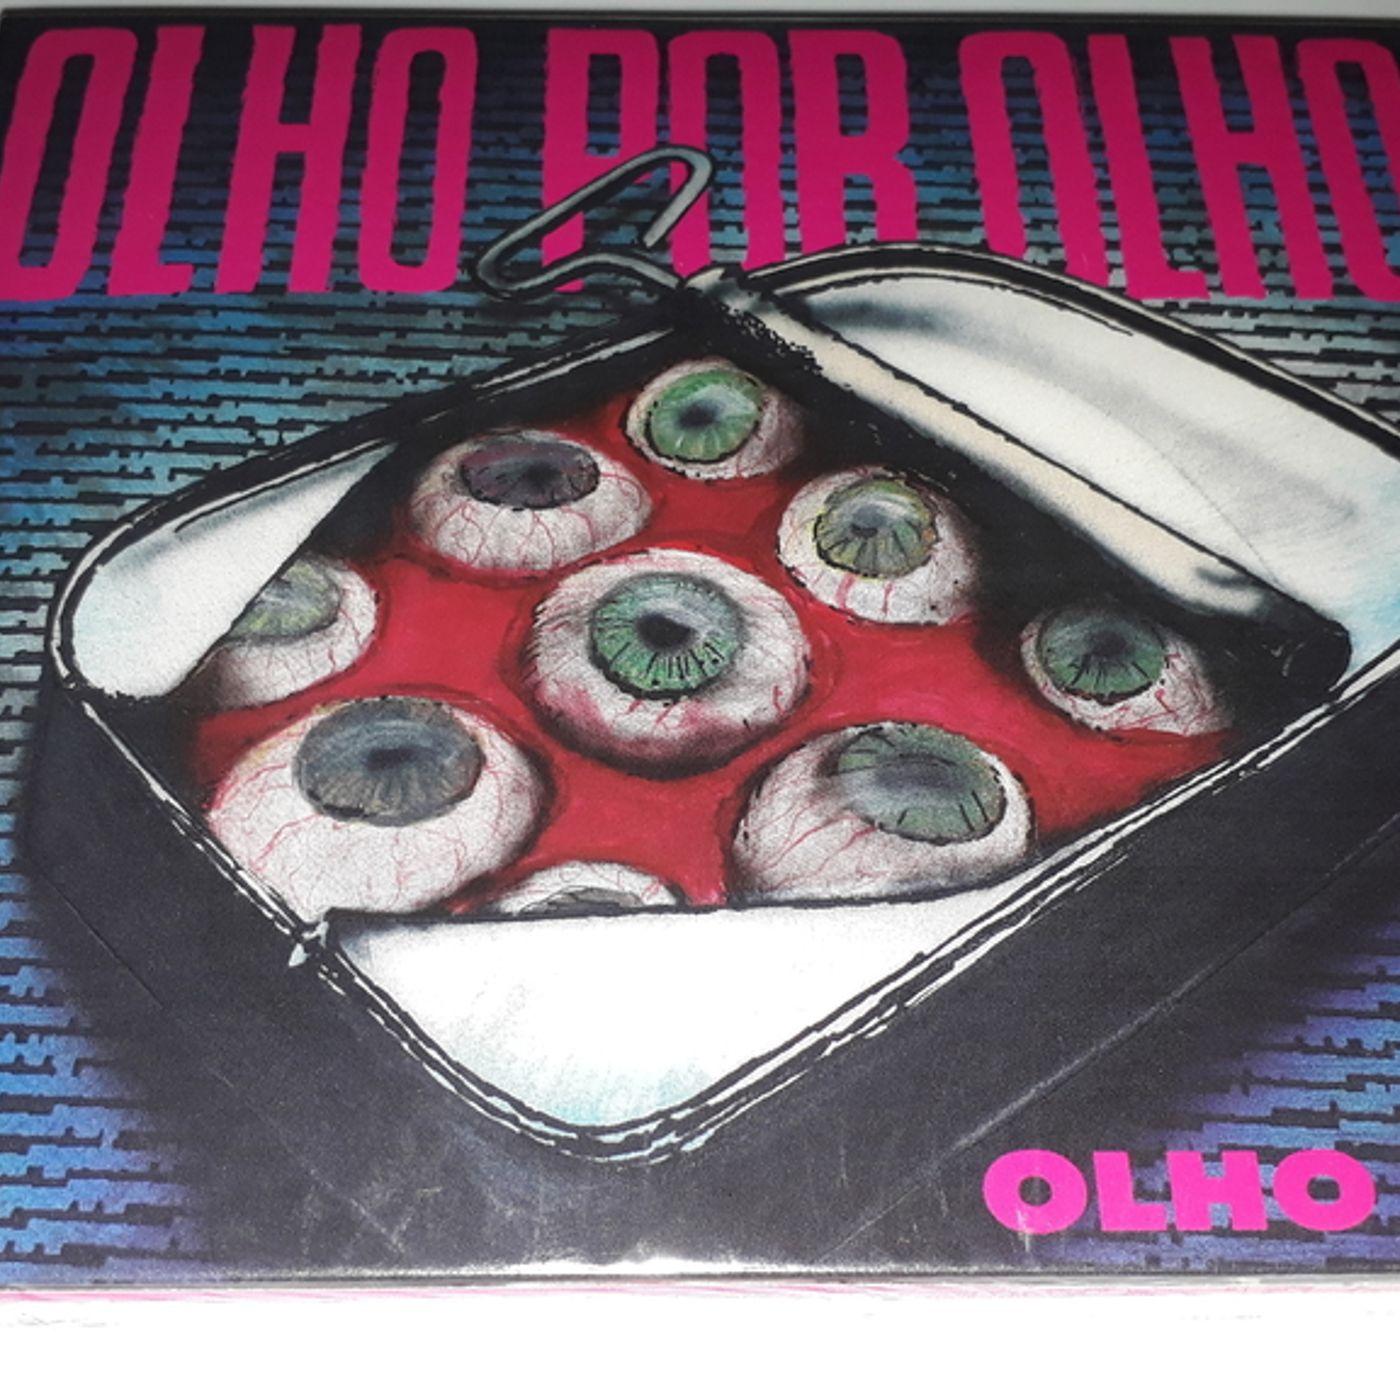 BEST OF ROCK BR voz do Brasil podcast #0391B #OlhoSeco #TWD #stayhome #wearamask #washyourhands #Loki #f9 #xbox #redguardian #melina